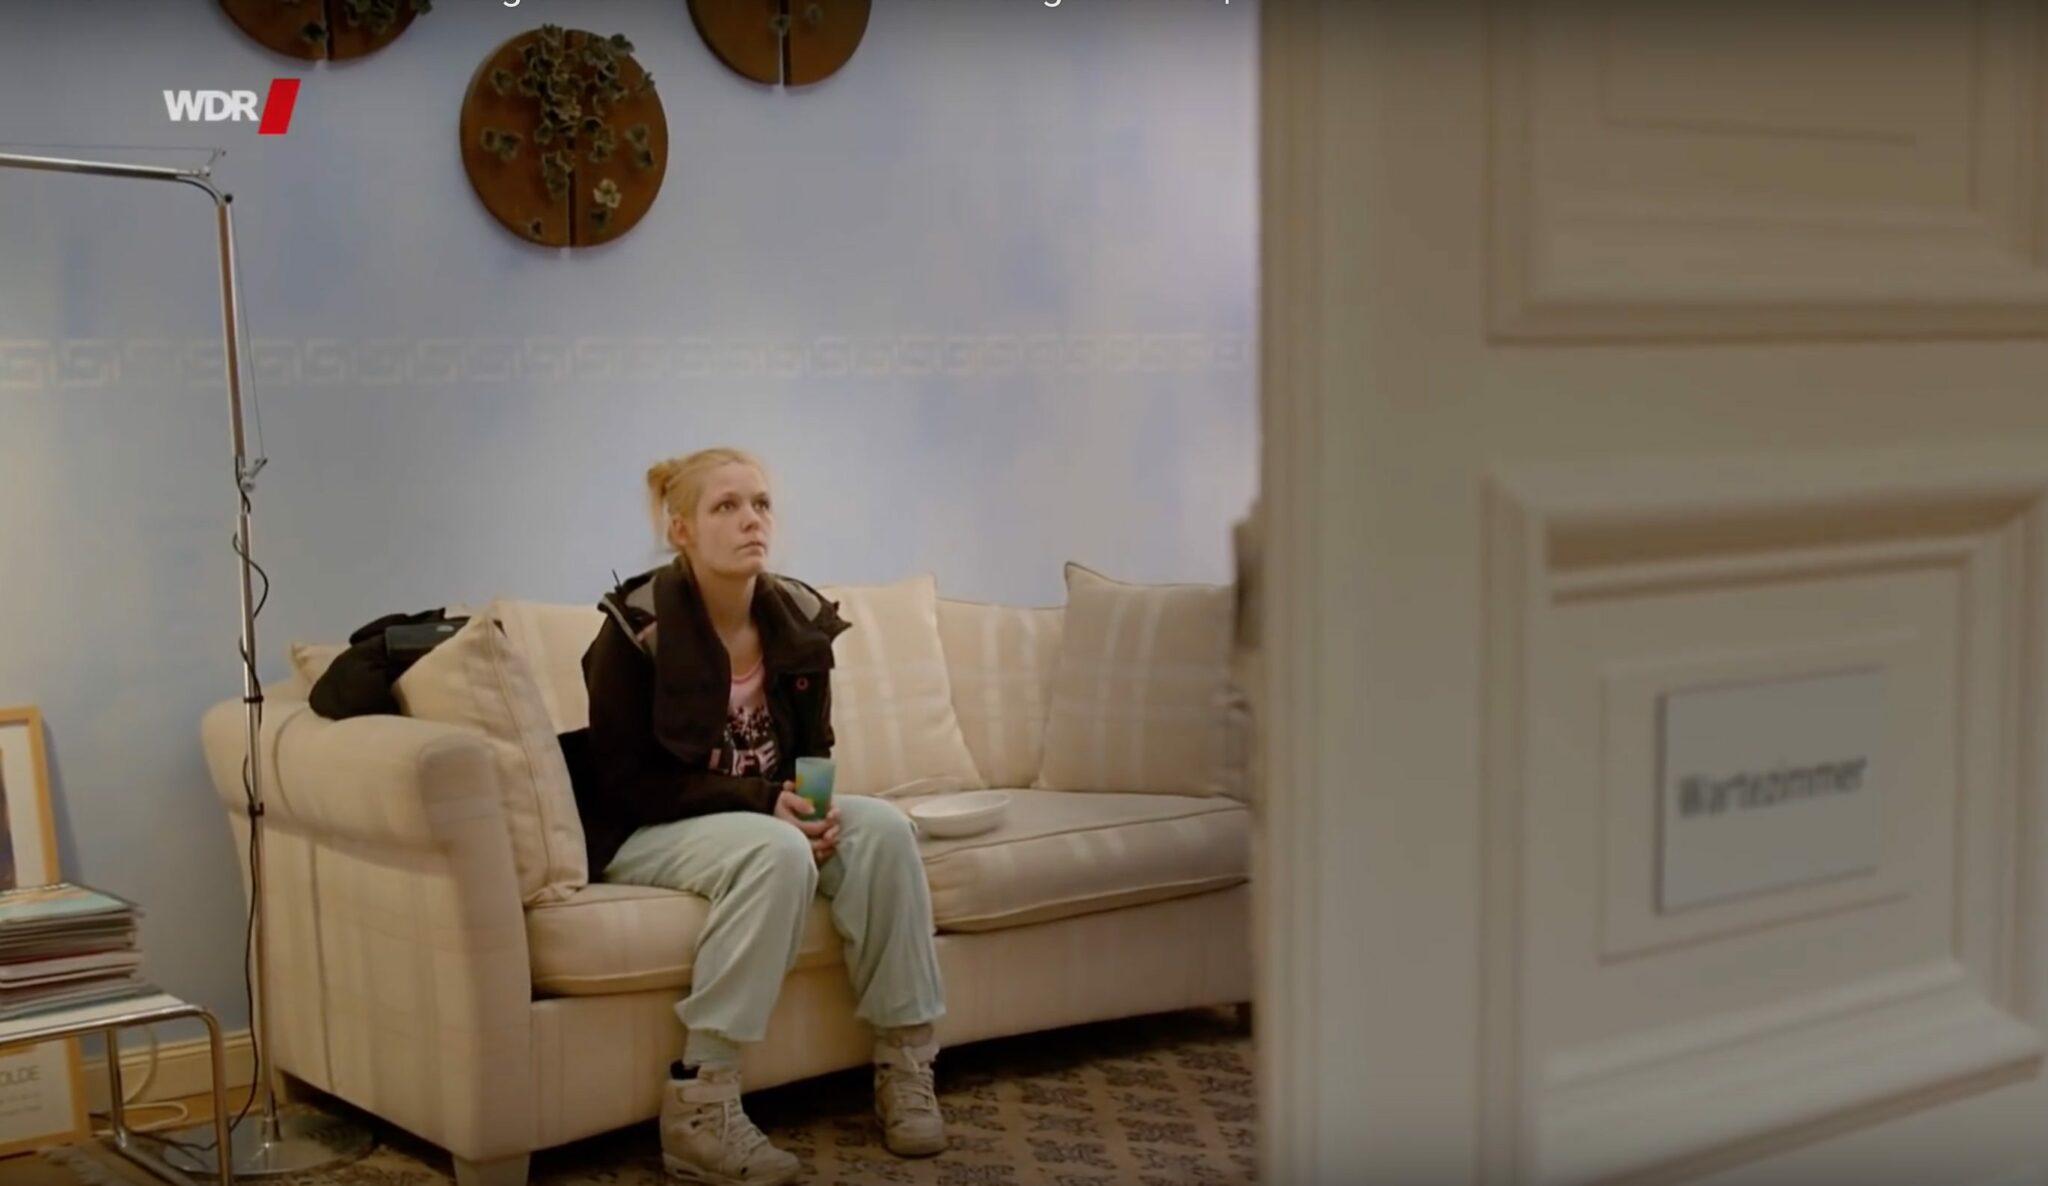 Szene aus dem Dokumentarfilm «Alkoholkinder»: Jenny, deren Mutter während der Schwangerschaft Alkohol getrunken hatte, braucht ärztliche Unterstützung.